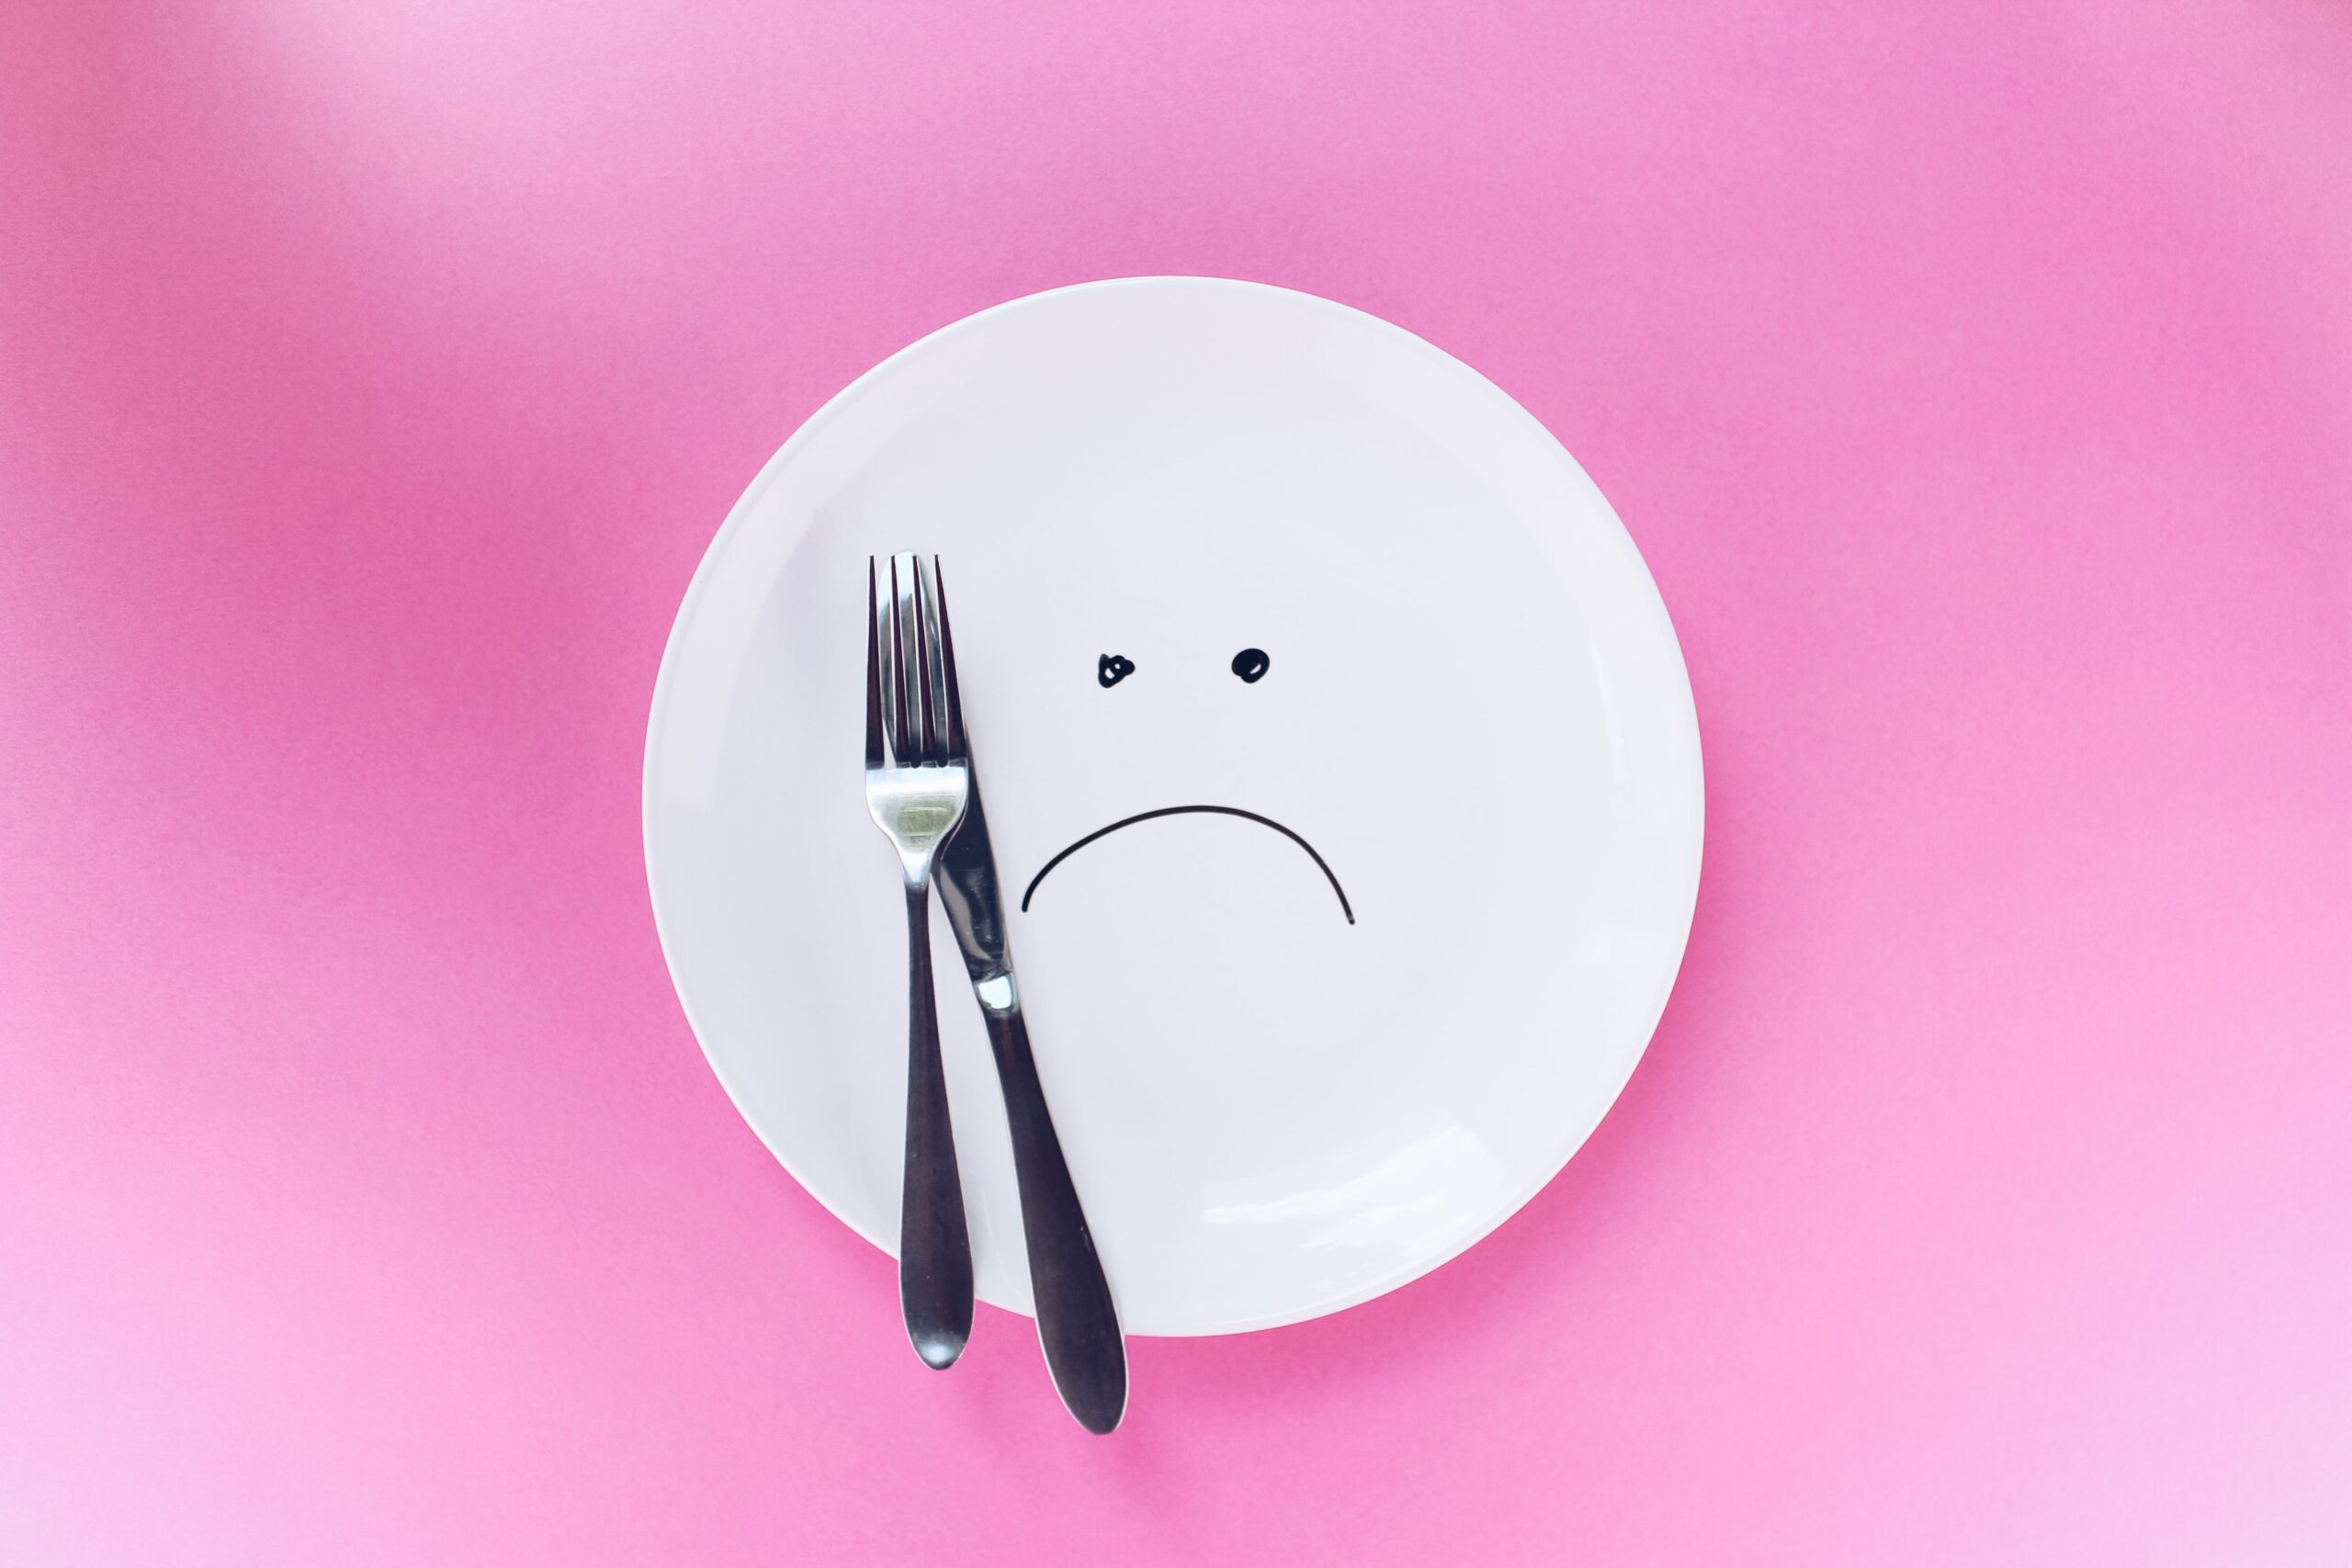 食べていないのに体重が減らない イメージ画像